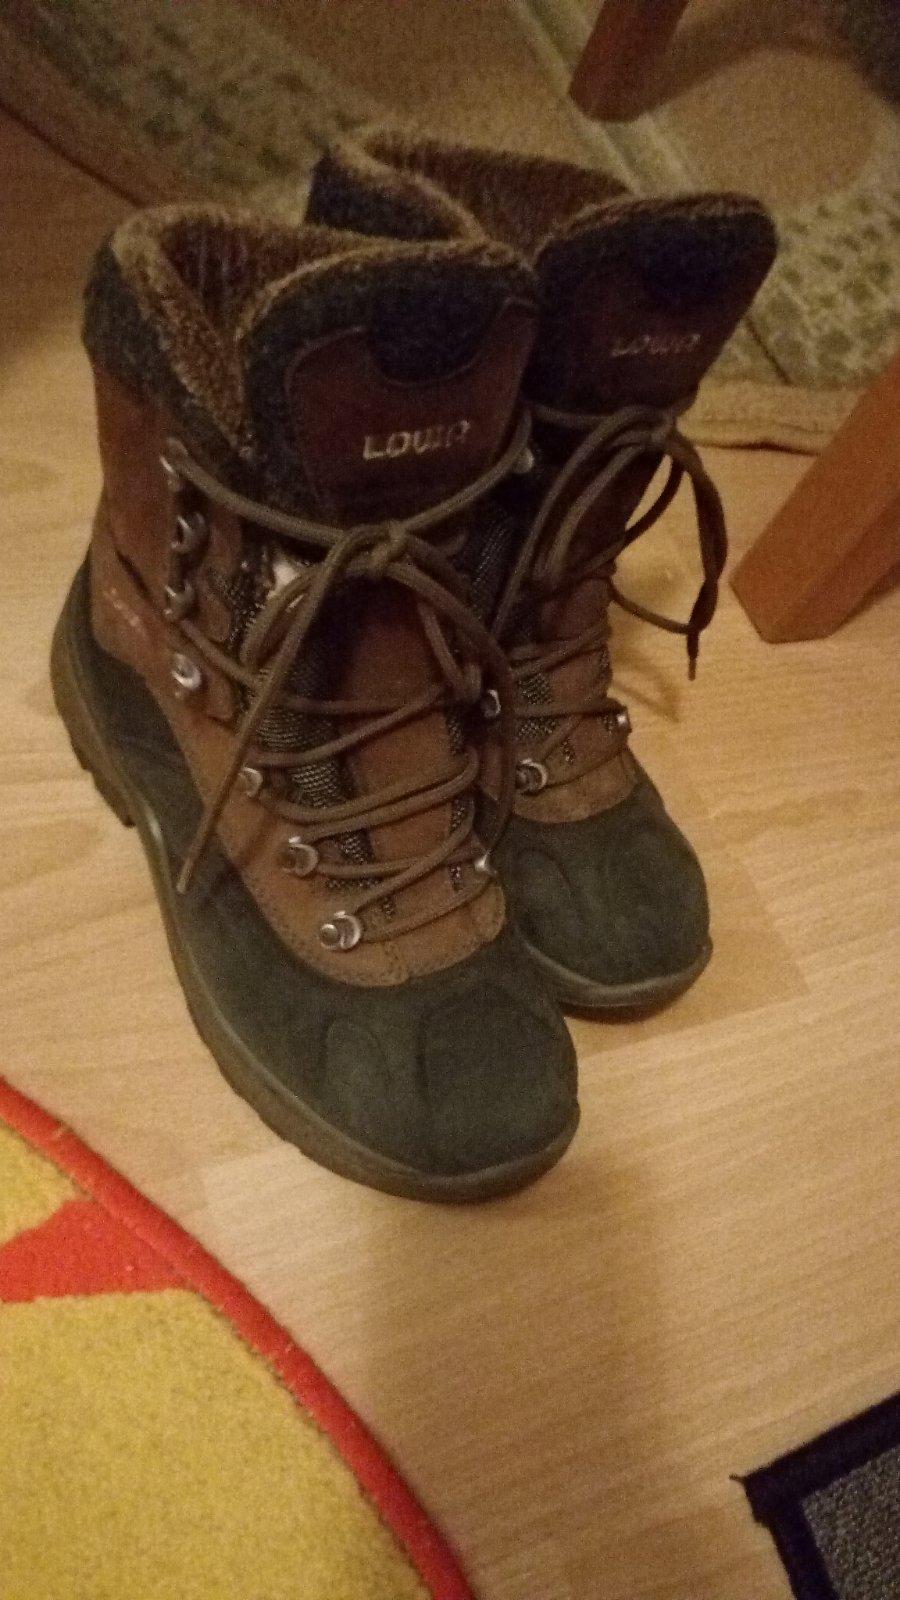 947183f44 Dámske topánky lowa, lowa,38 - 25 € od predávajúcej bibka453 | Detský bazár  | ModryKonik.sk